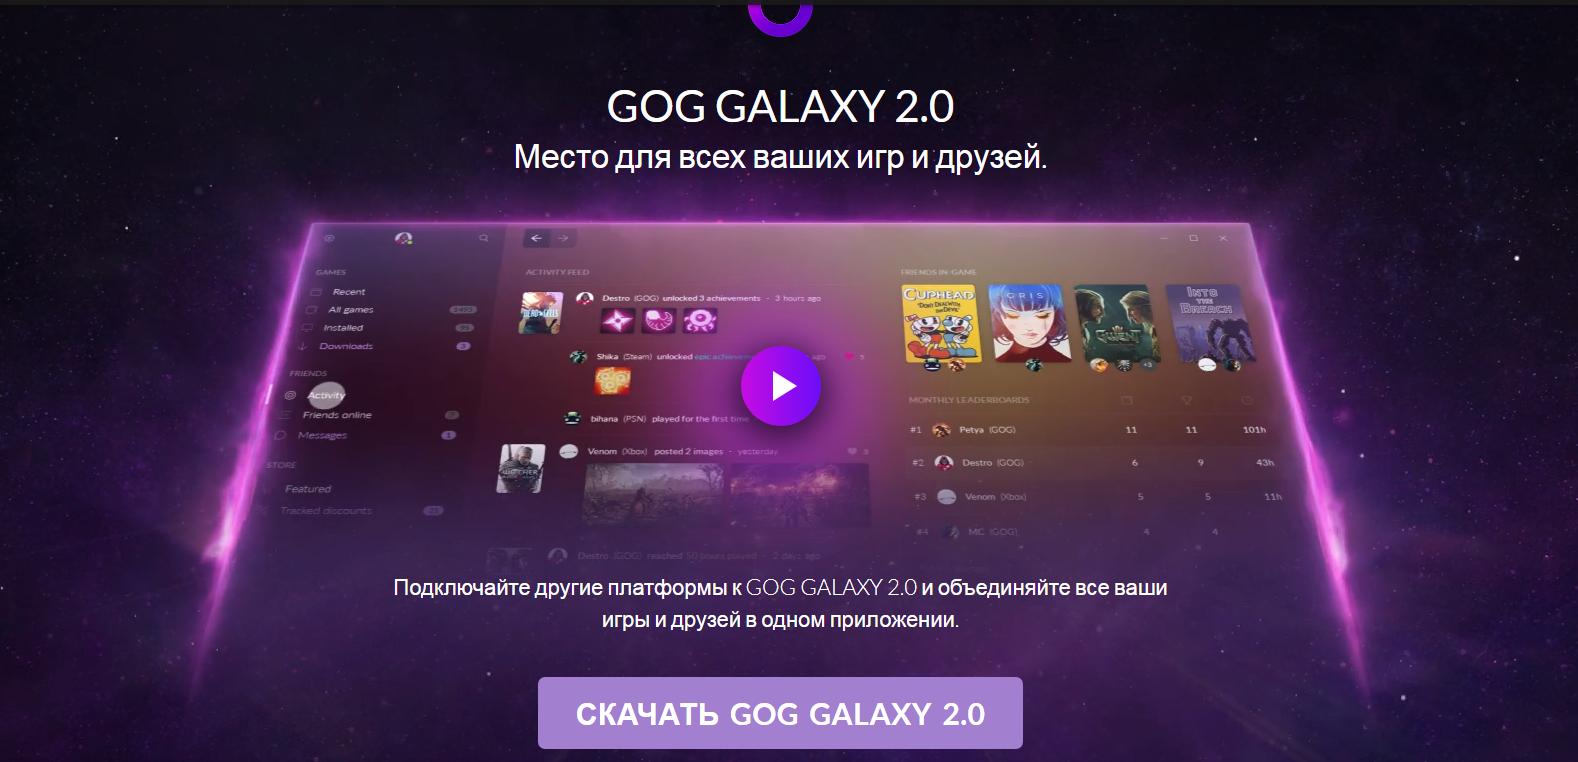 Скоро выйдет огромное обновление GOG Galaxy 2.0